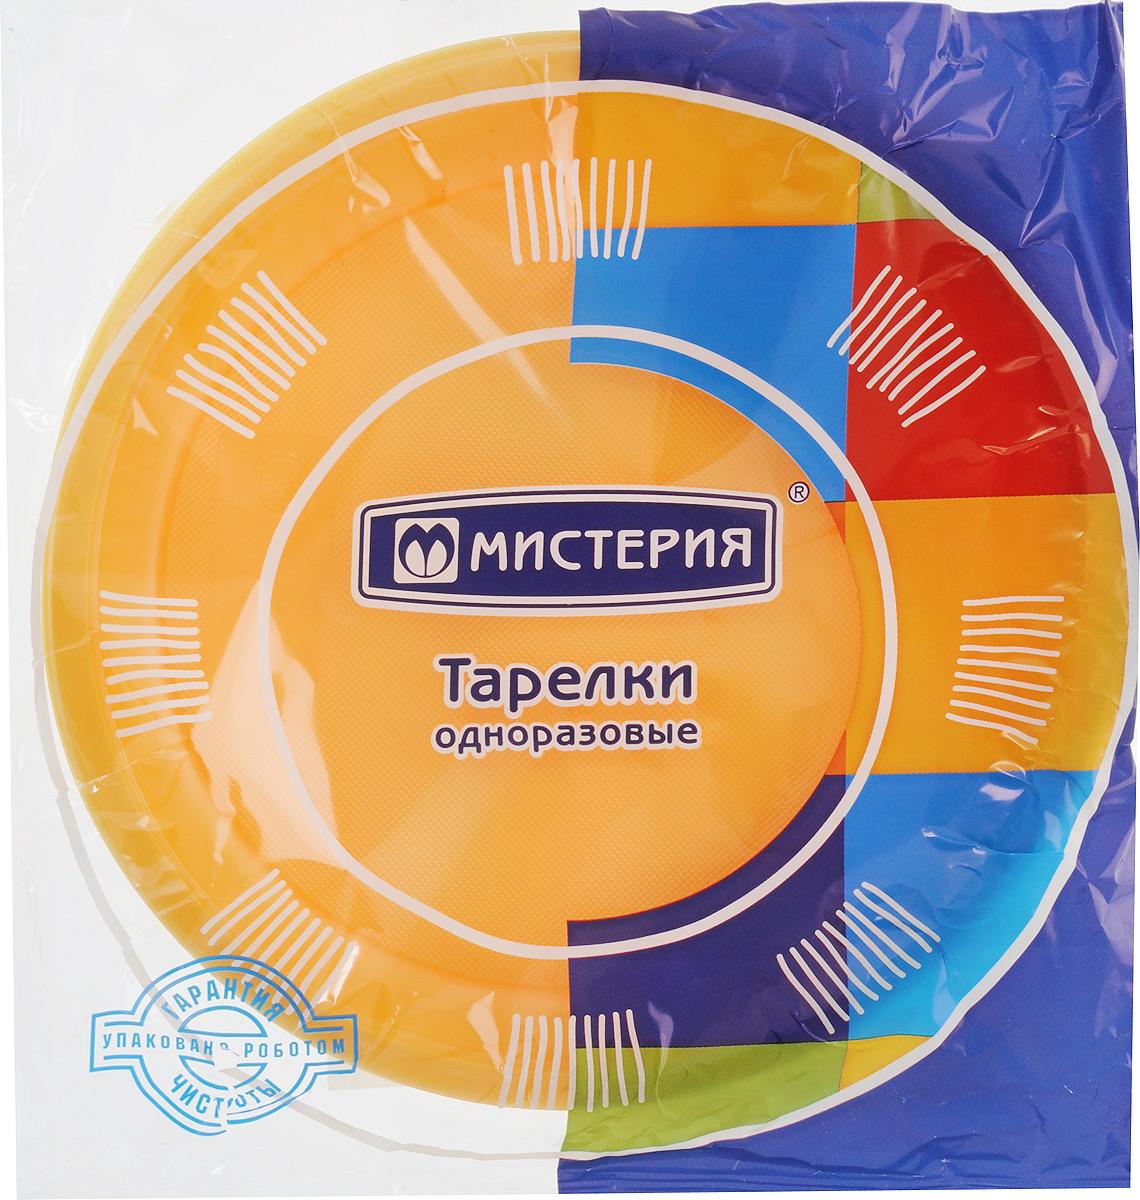 Набор одноразовых тарелок Мистерия, цвет: желтый, диаметр 21 см, 12 шт401-472Набор Мистерия состоит из 12 круглых тарелок, выполненных из полистирола и предназначенных для одноразового использования. Подходят для холодных и горячих пищевых продуктов.Одноразовые тарелки будут незаменимы при поездках на природу, пикниках и других мероприятиях. Они не займут много места, легки и самое главное - после использования их не надо мыть.Диаметр тарелки: 21 см.Высота тарелки: 1,5 см.